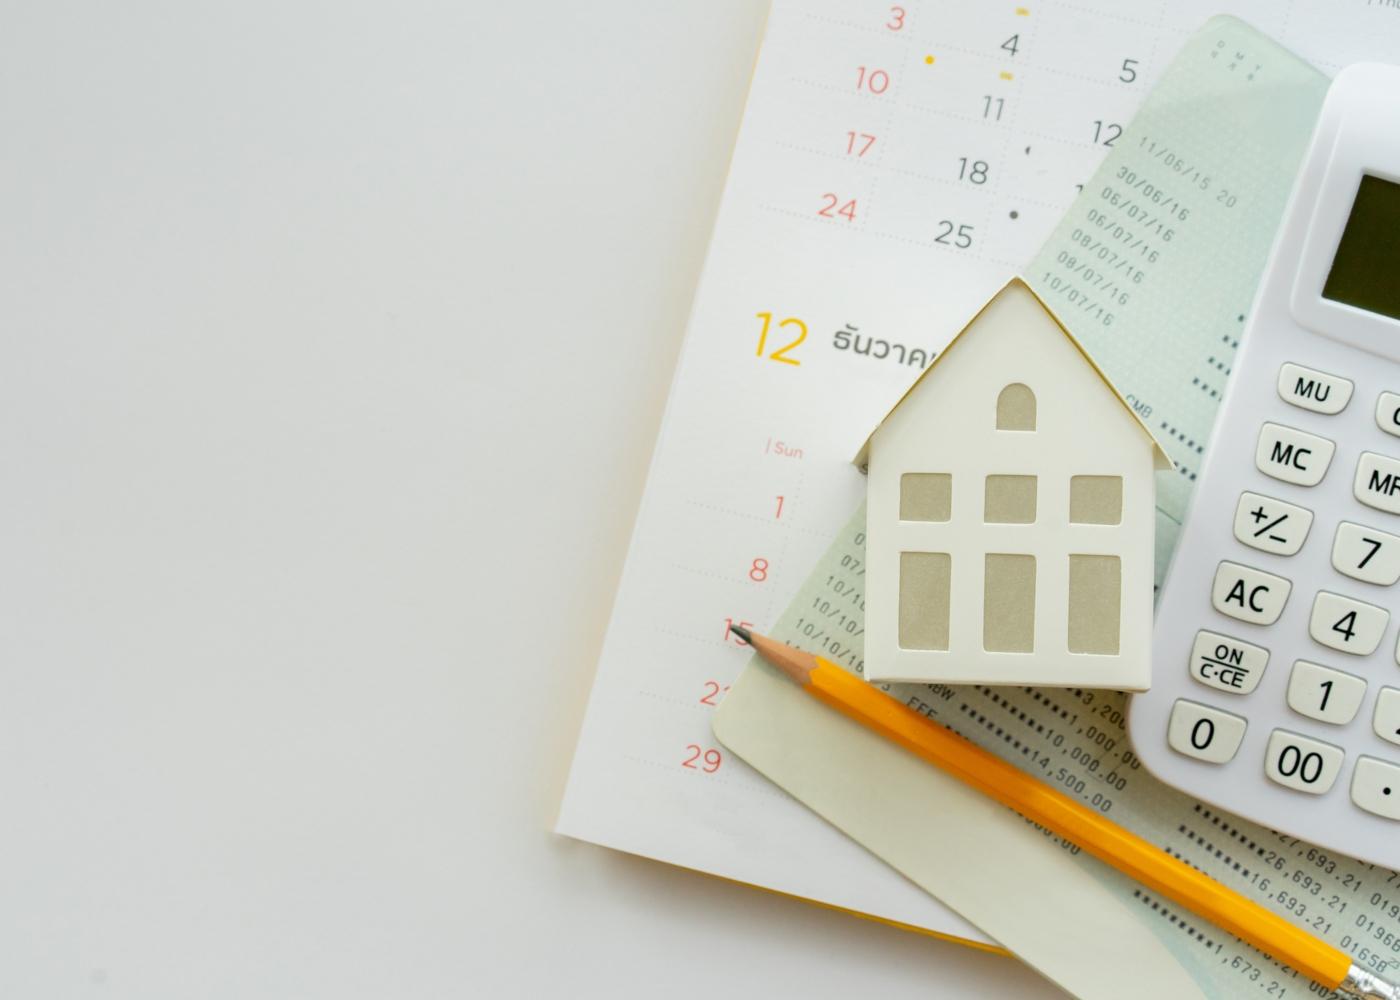 Calculadora, caderneta bancária e casa em miniatura para exemplificar o que é um crédito hipotecário